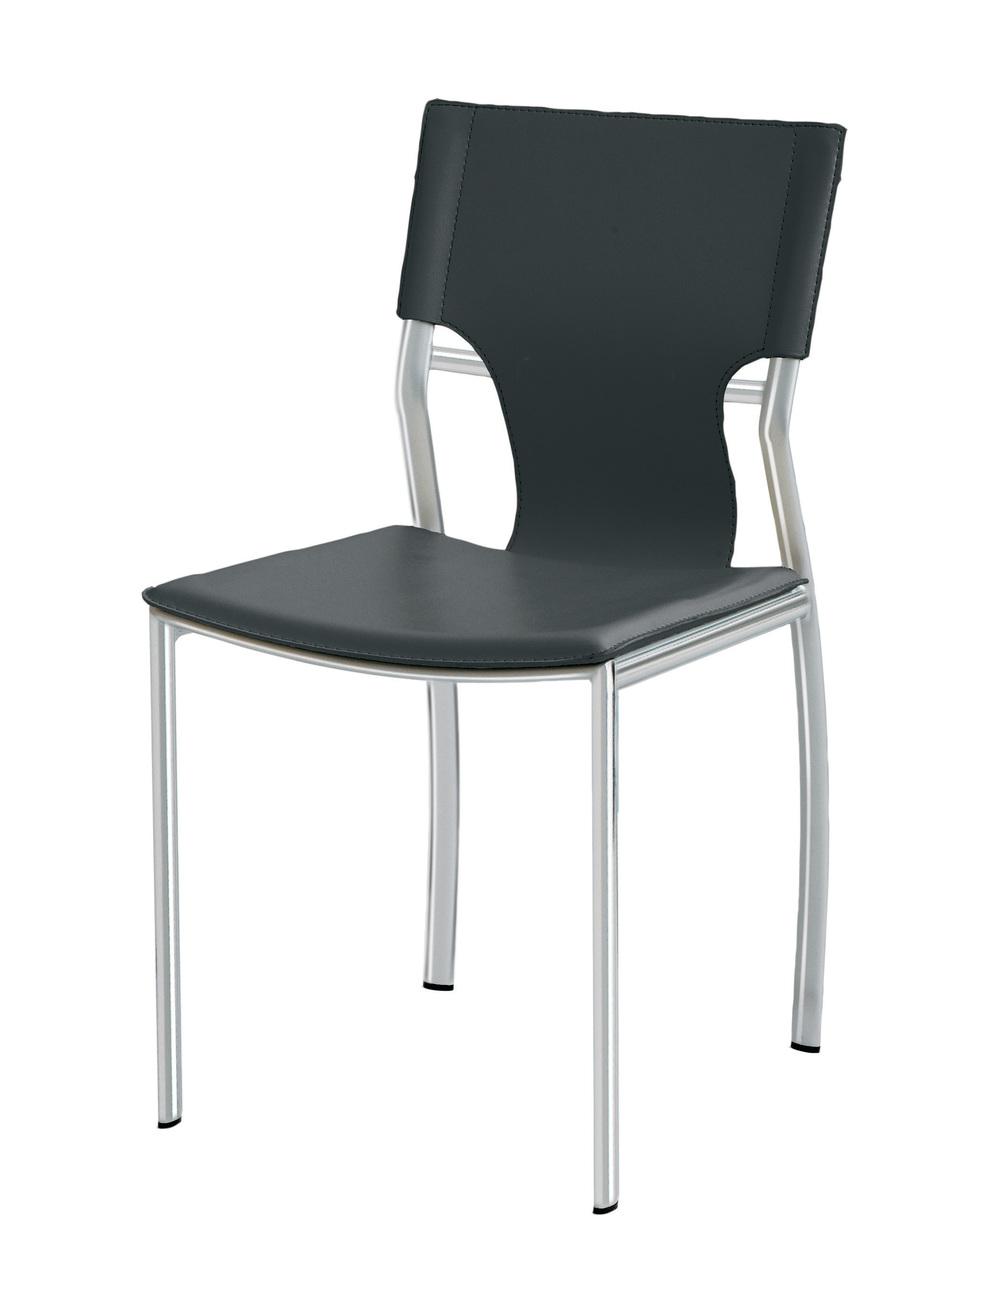 Nuevo - Lisbon Dining Chair